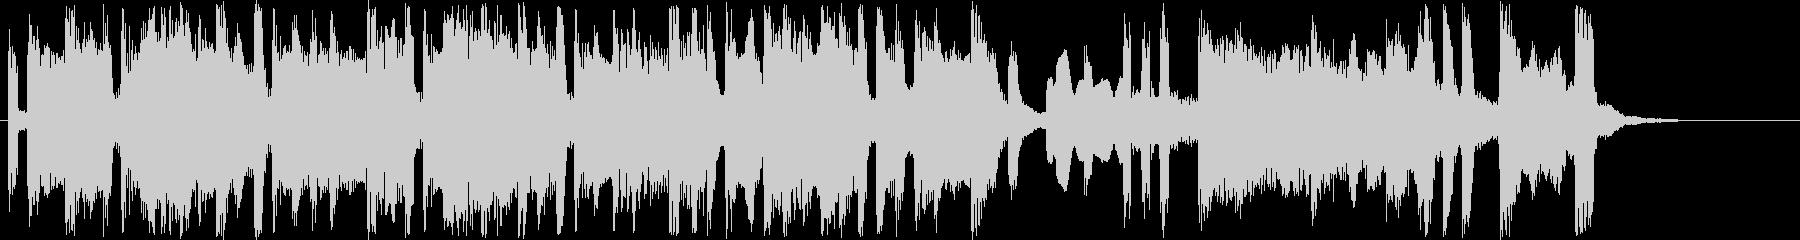 ほのぼのしたシンセサイザー短めジングルの未再生の波形